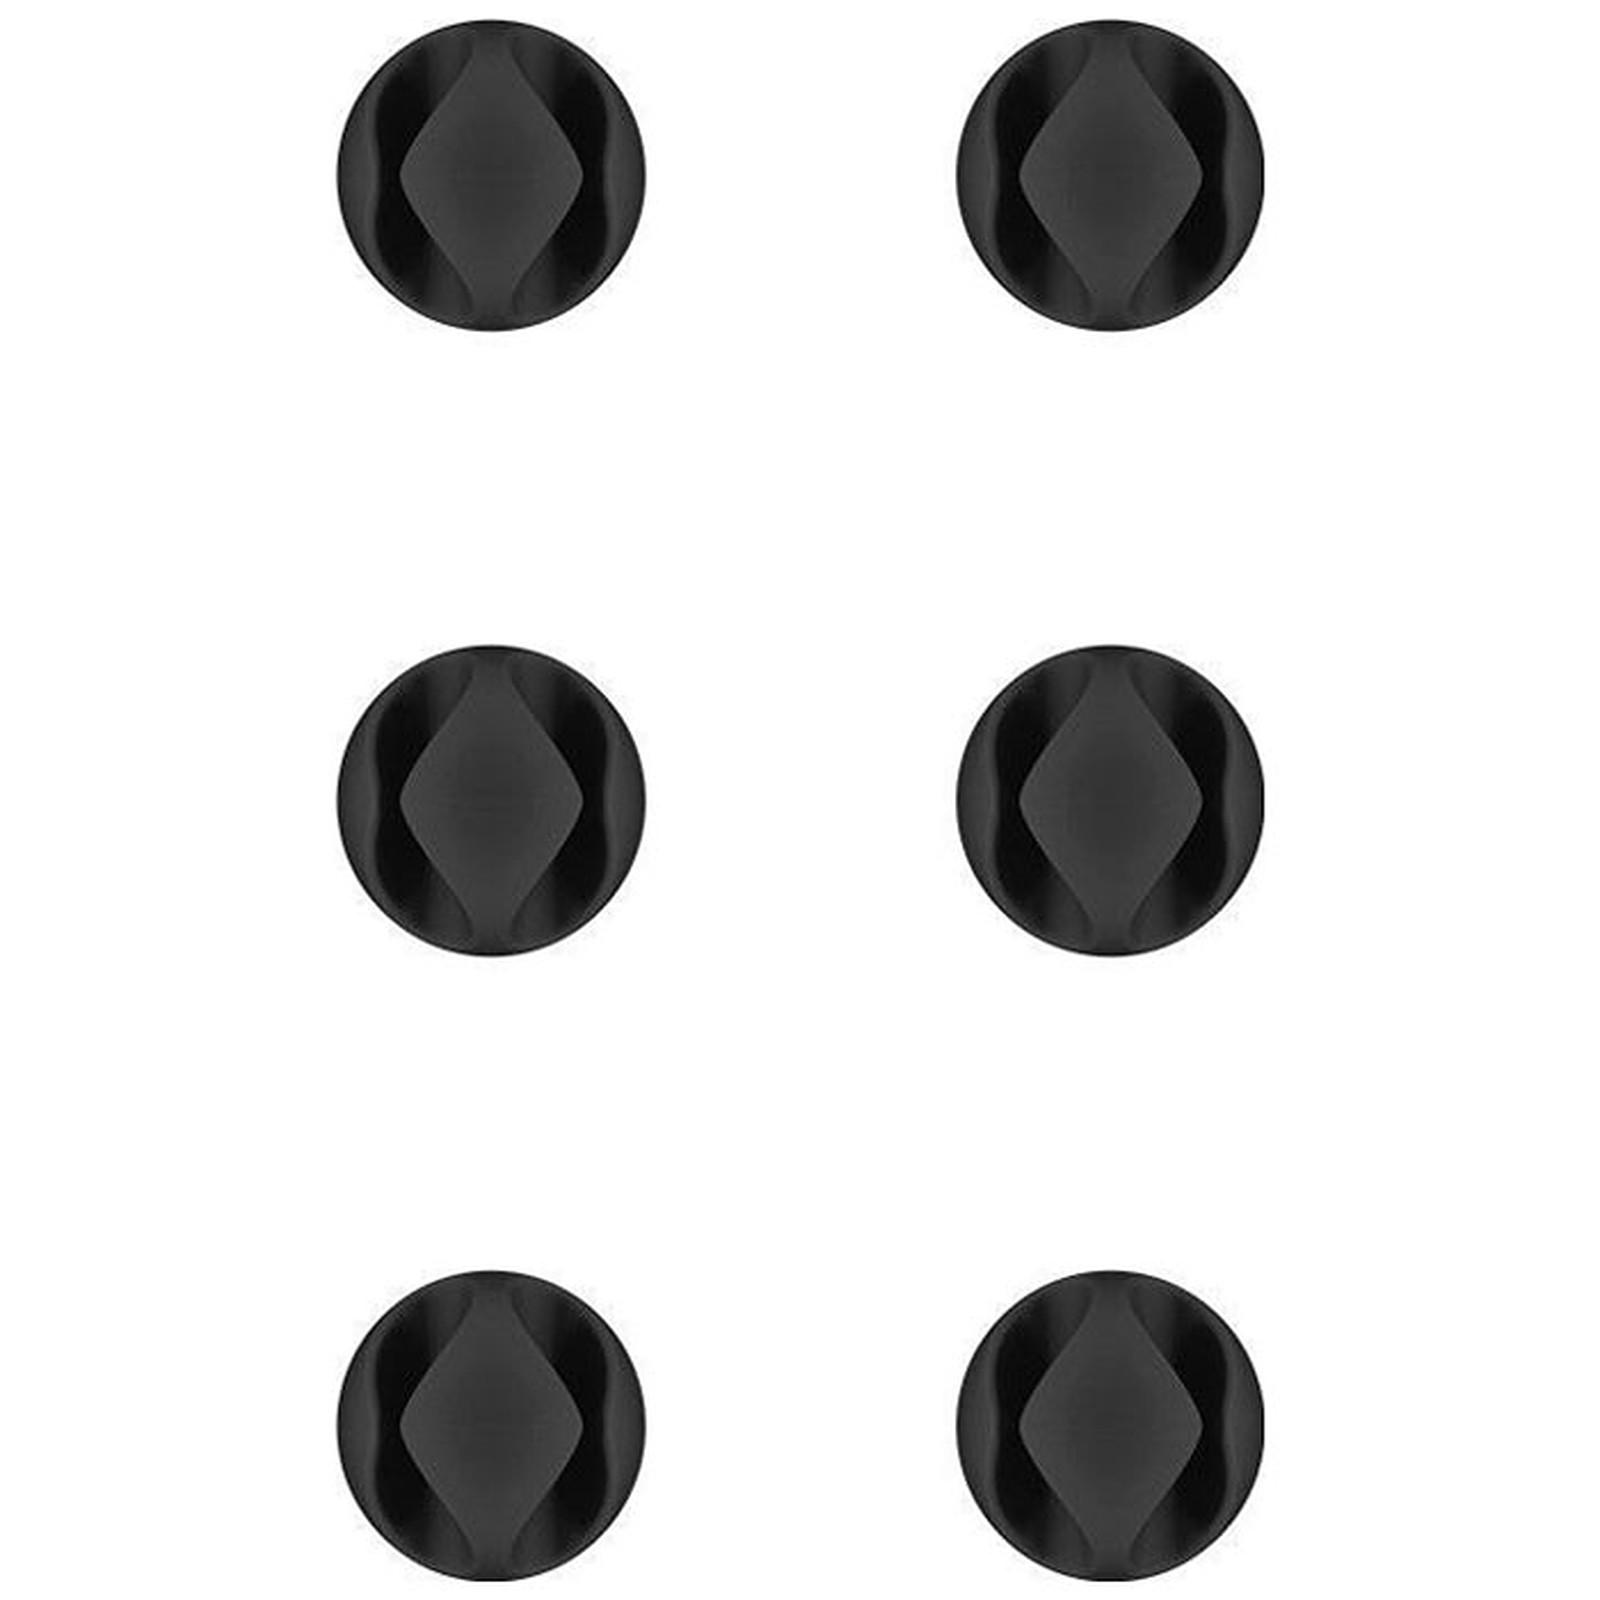 Goobay 6 Slot Cable Management Mini - Negro